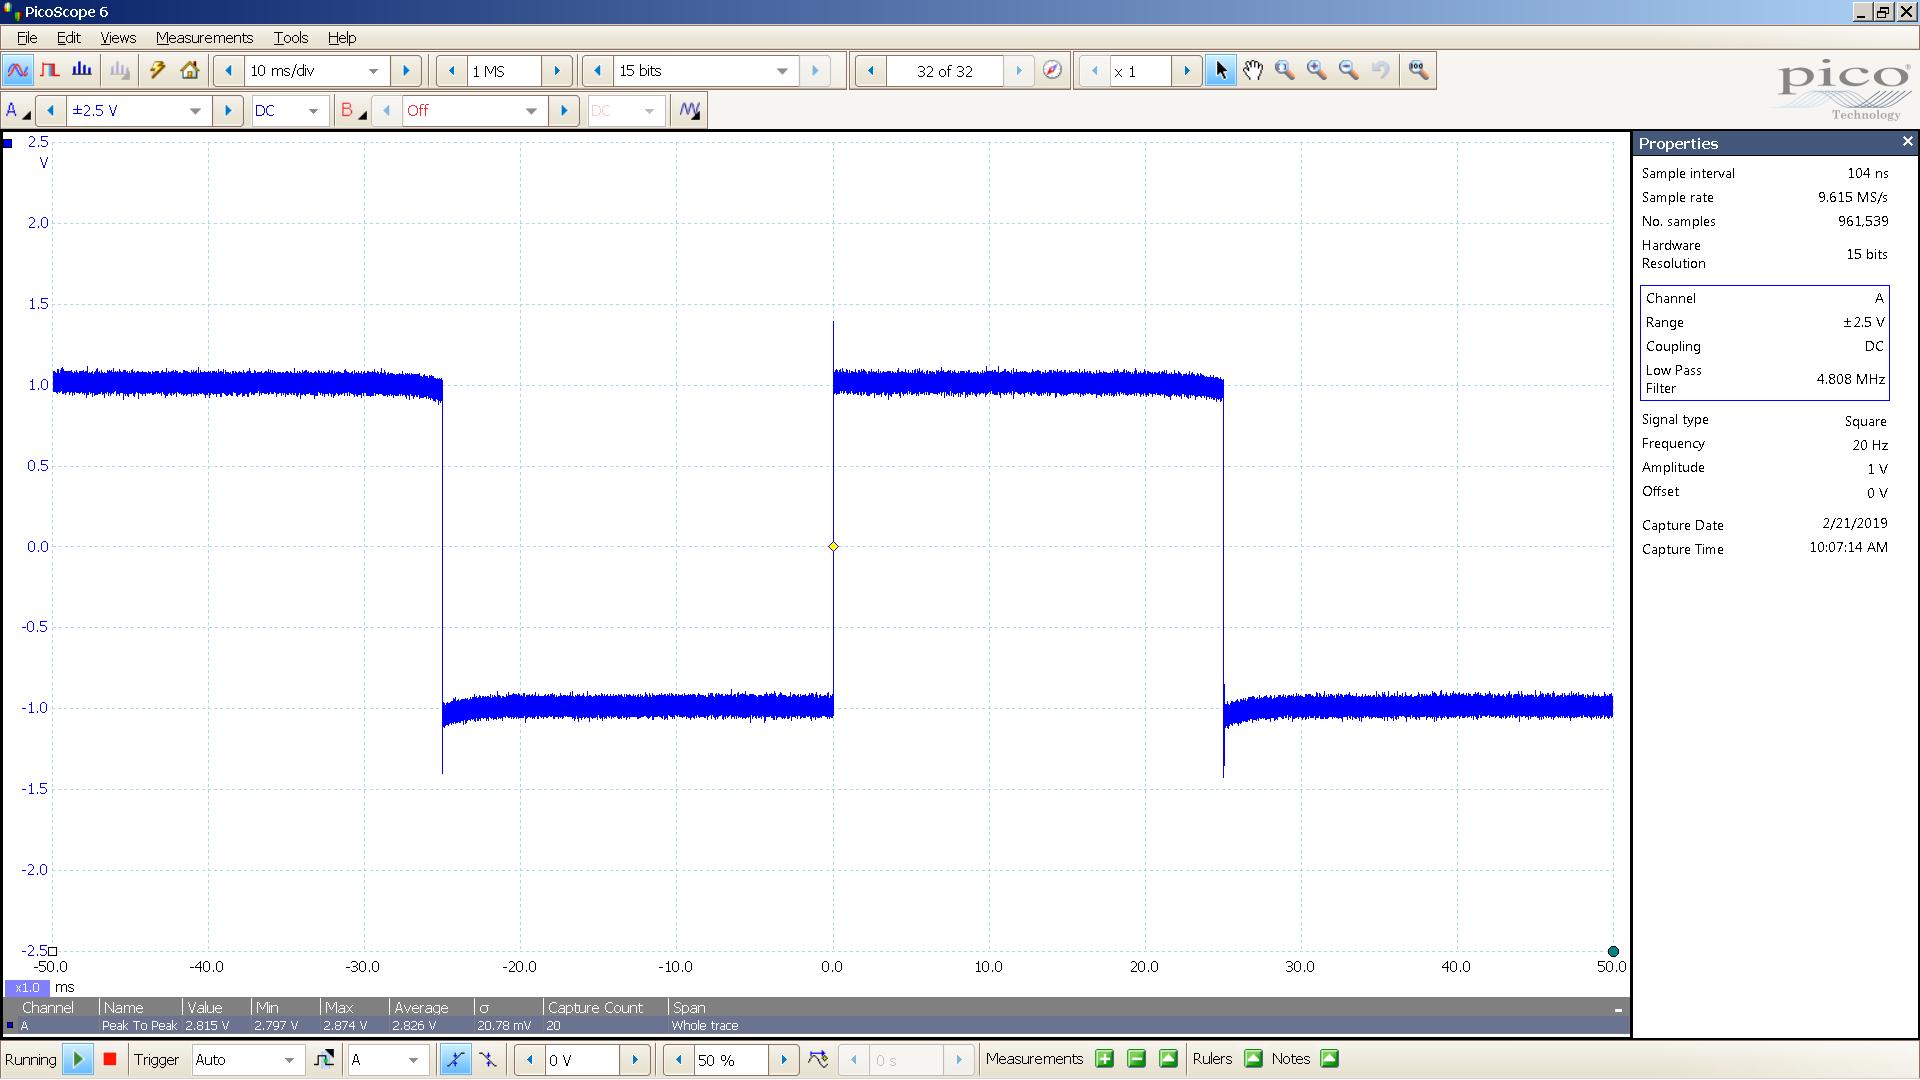 20190221 SigGen DSHA-3F 20 Hz square 2000mVpp 10mS div 5MHz filter 30R.png